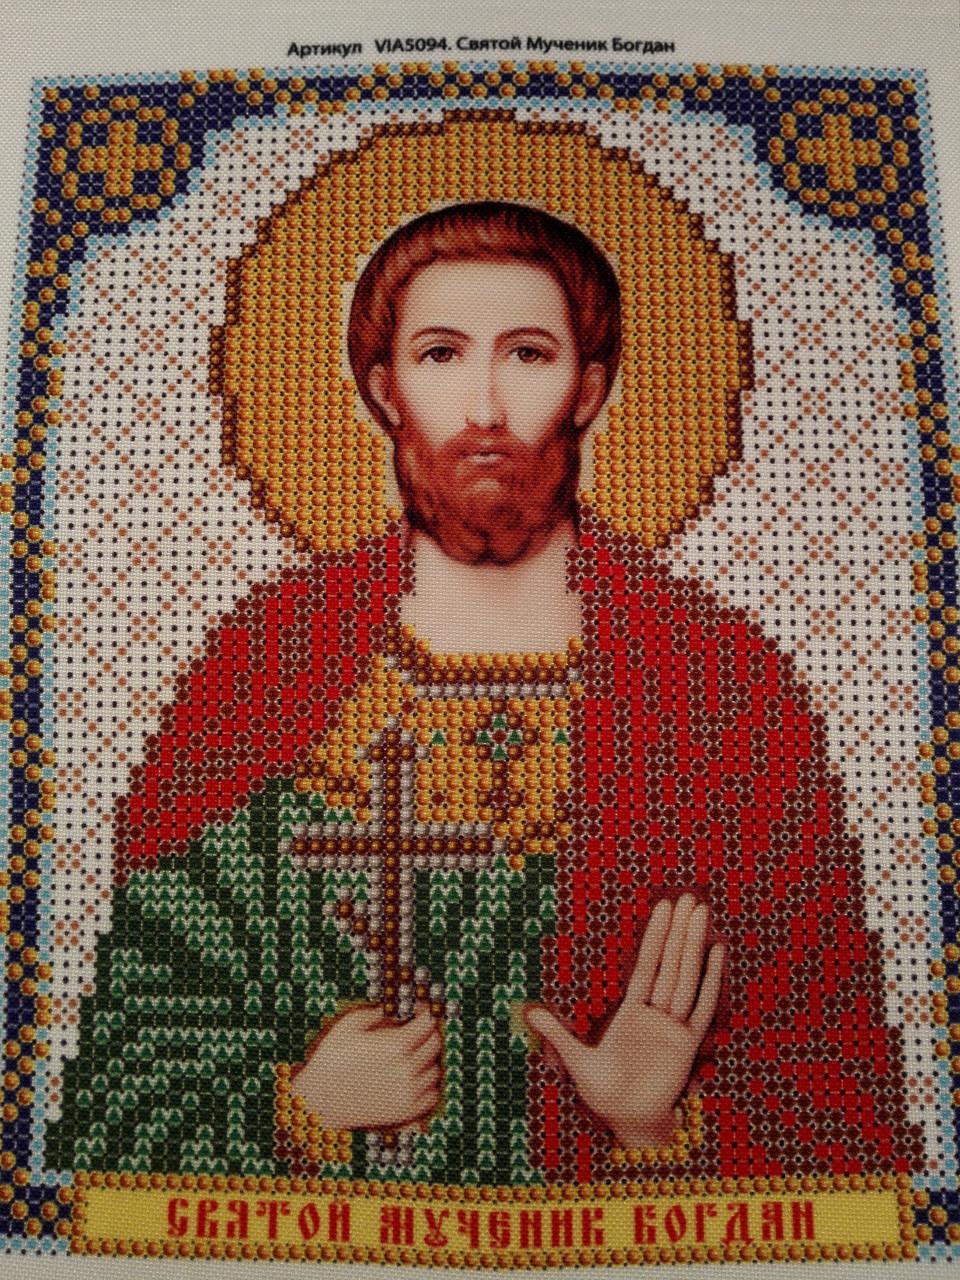 Набор для вышивки бисером икона Святой Мученик Богдан VIA 5094